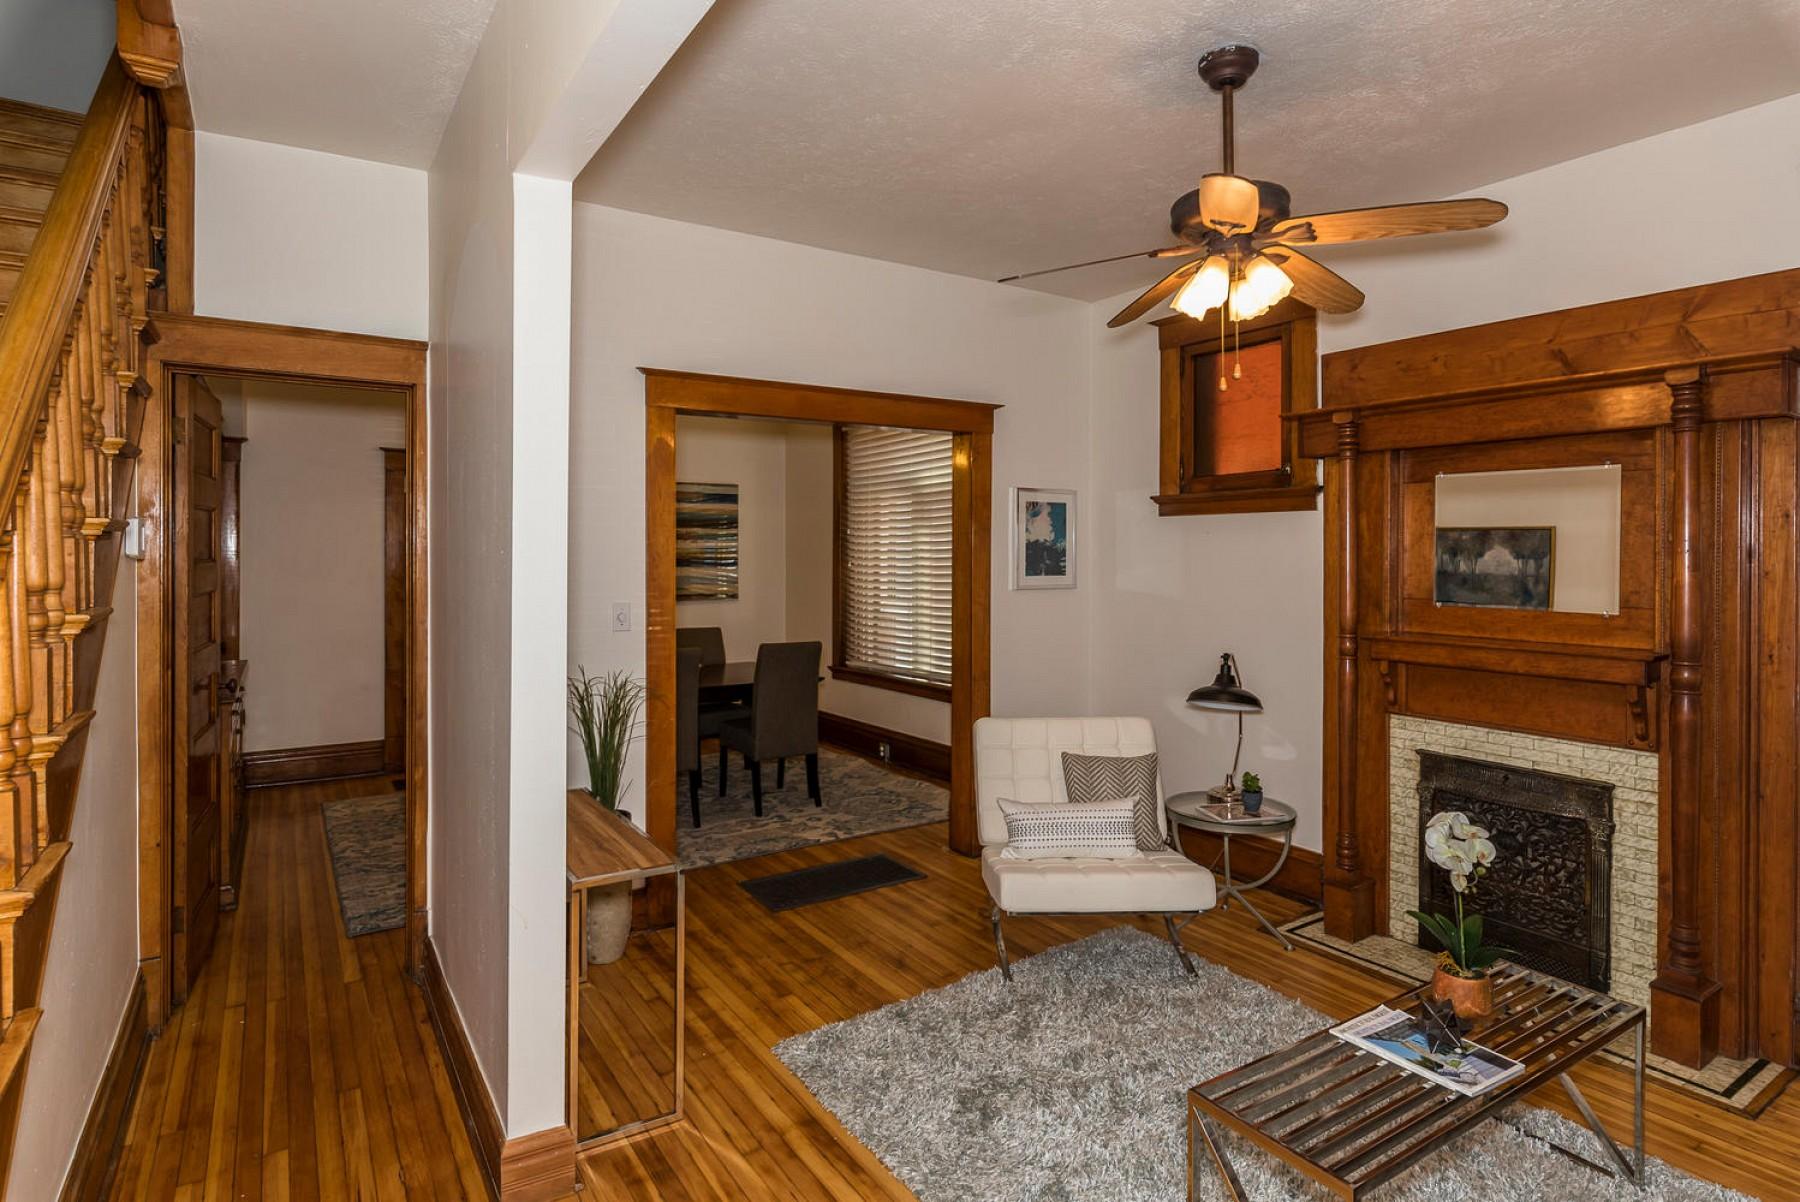 302 S. Lincoln Street, Denver, CO 80209